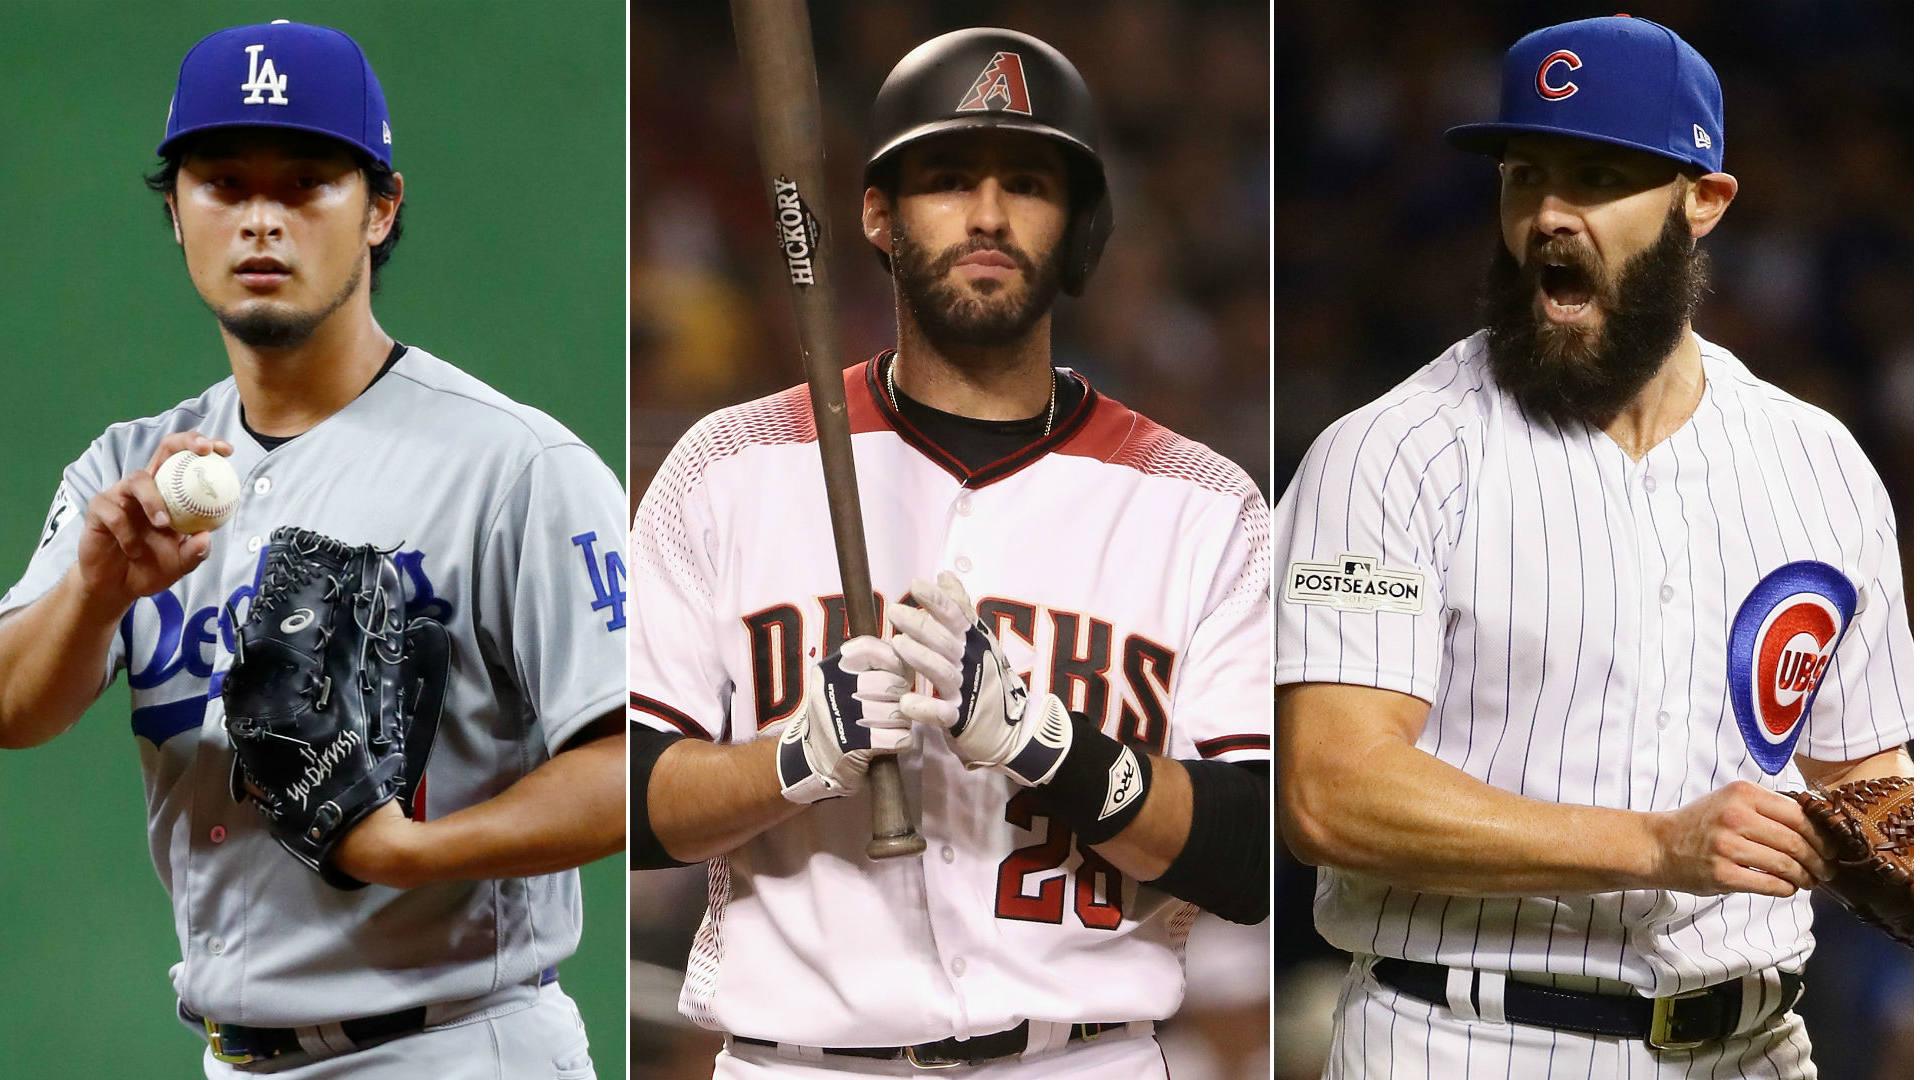 MLB trade rumors: Why has this Hot Stove season moved at a glacial pace?